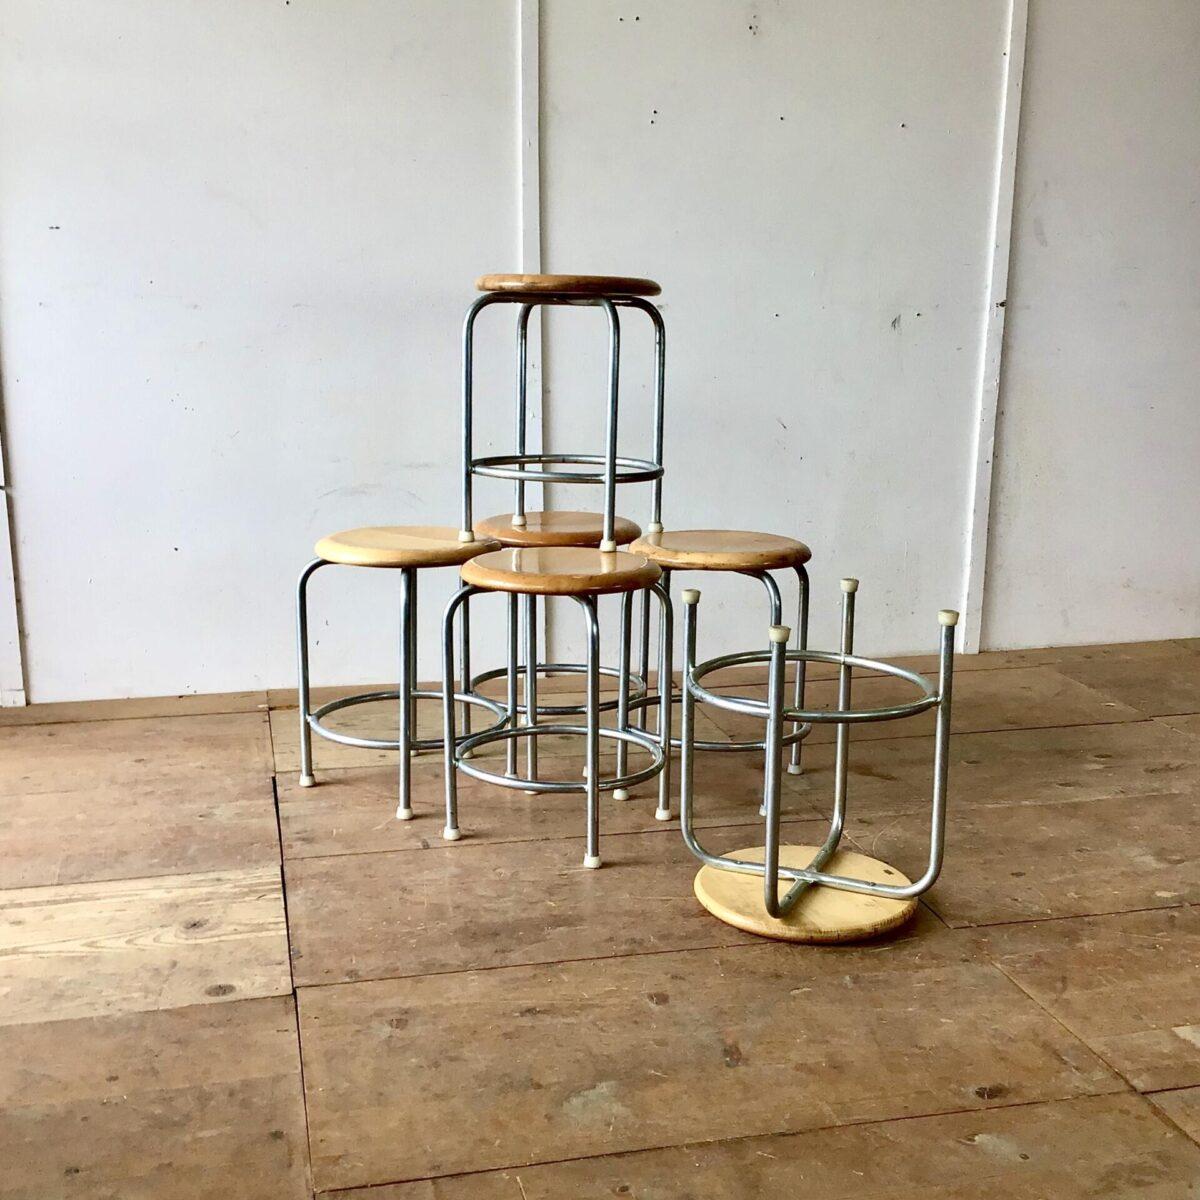 Embru Hocker, vintage metallstühle, Holzstühle tabourettli preis pro Stuhl. Durchmesser 36cm Höhe 50cm.